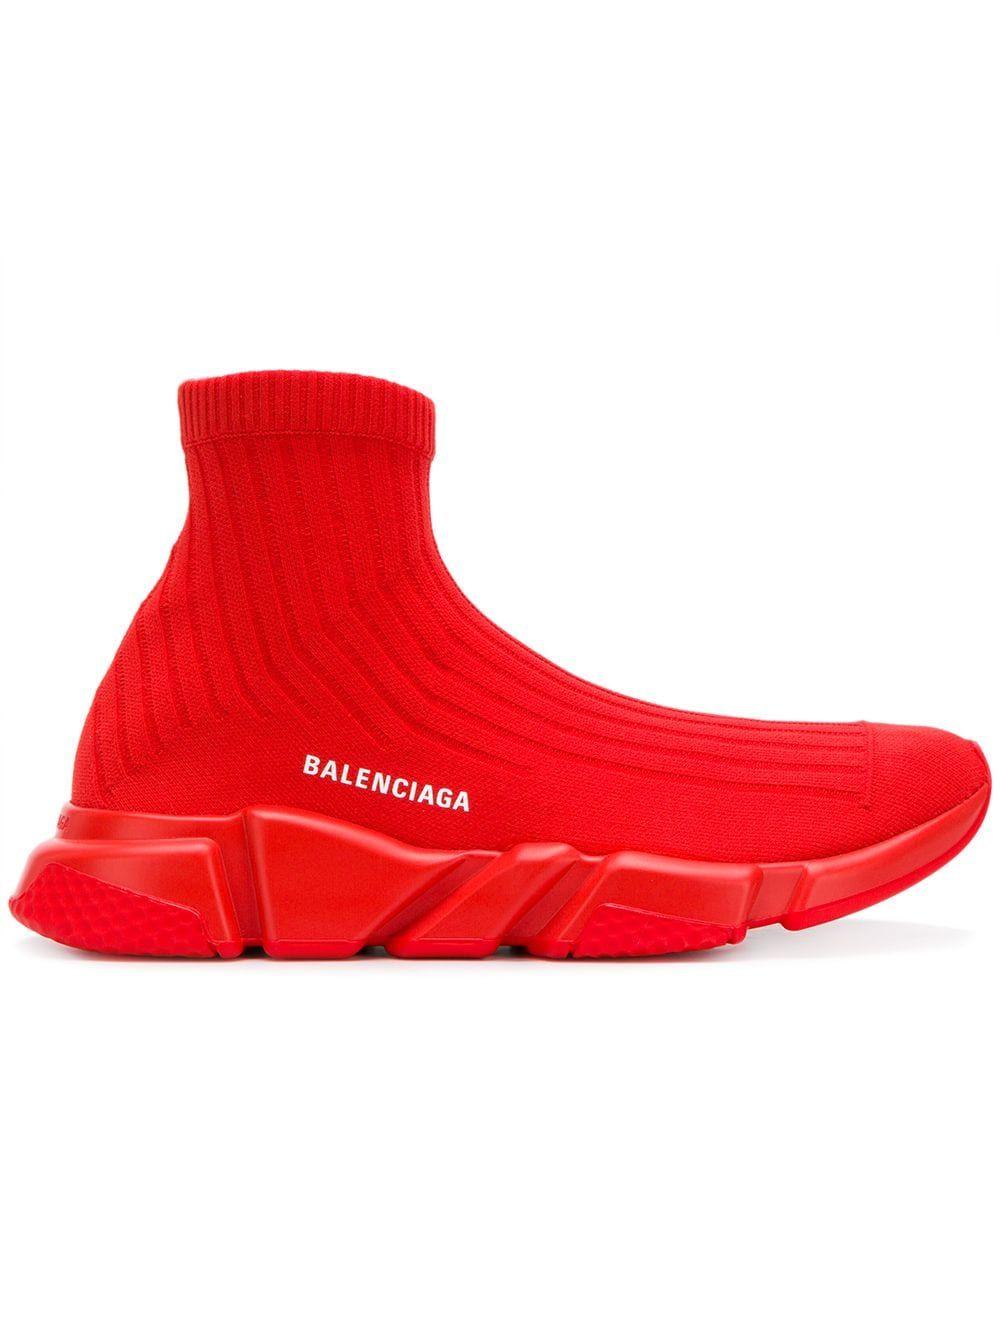 Balenciaga shoes, Sneakers